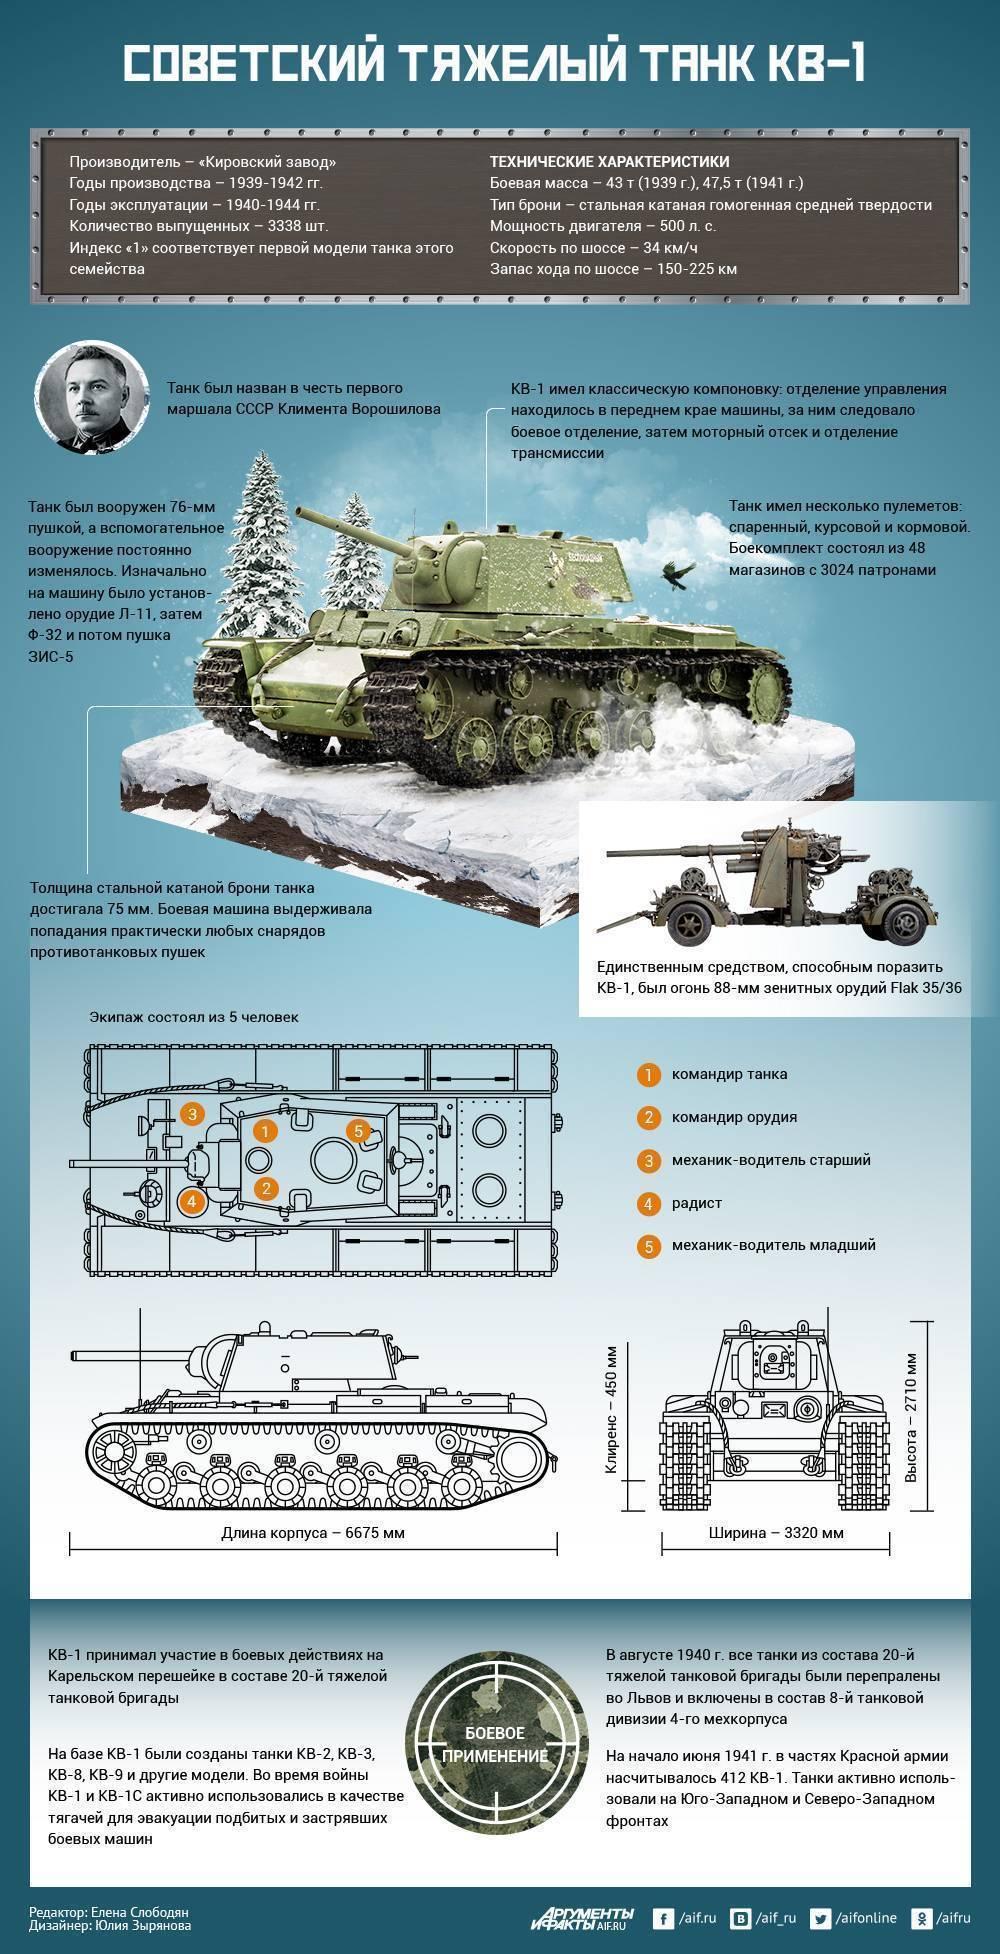 Кв-2 — тяжелый советский танк